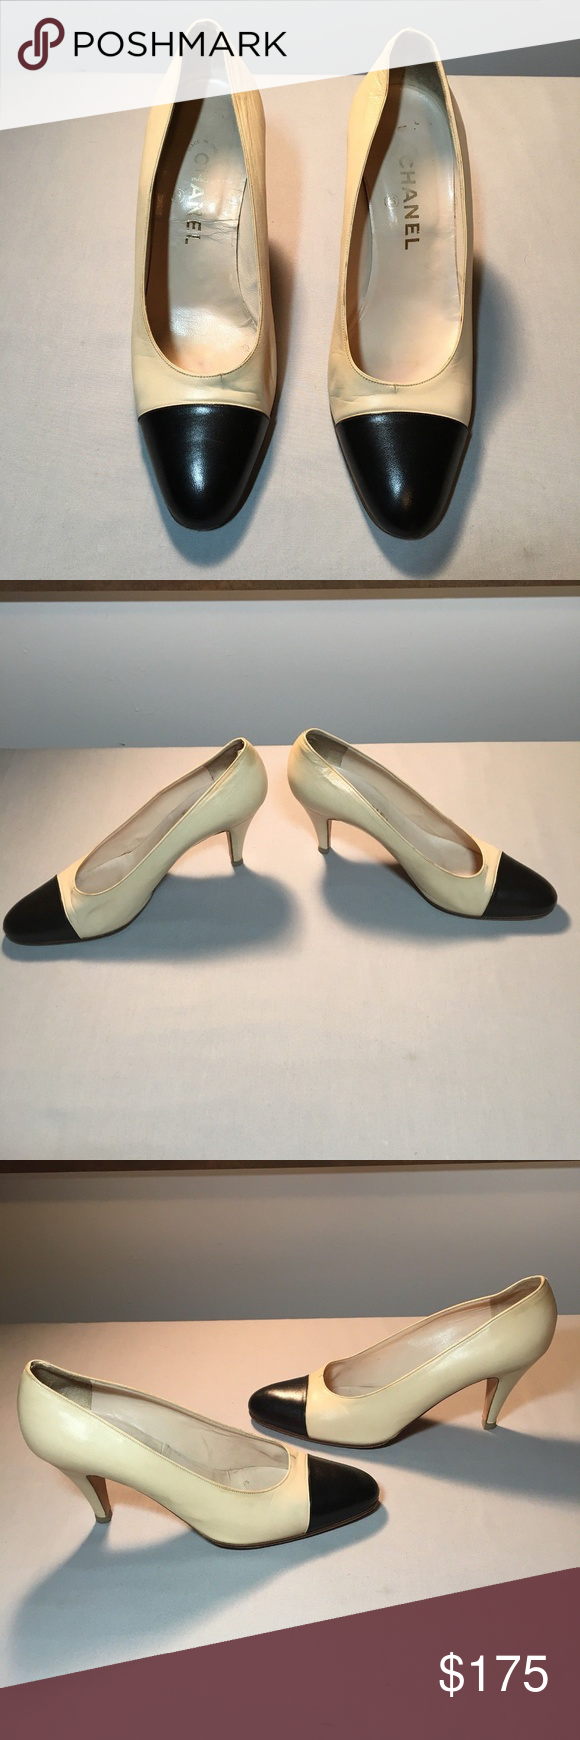 beige and black cap toe heels